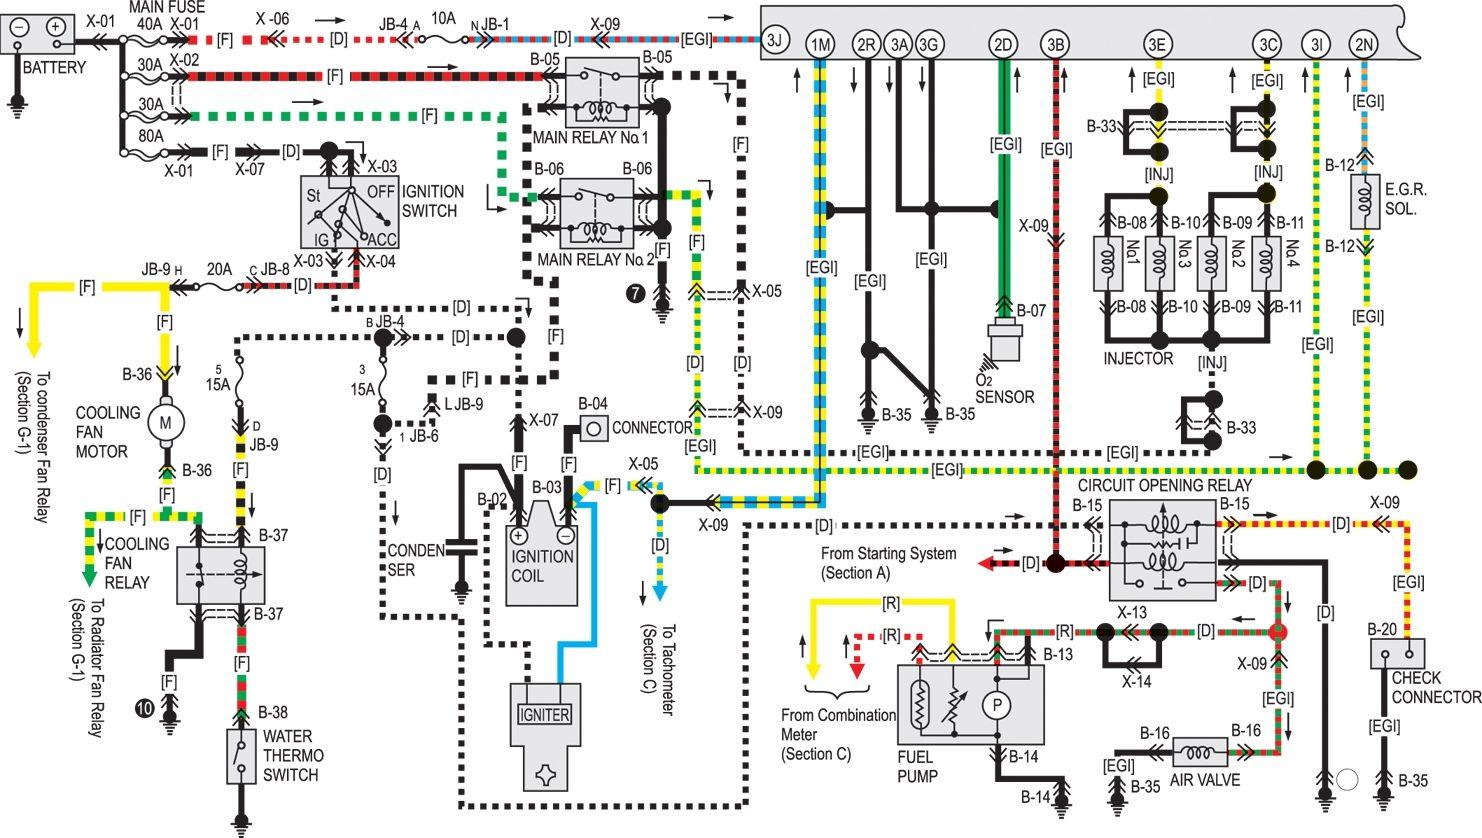 1992 mazda b2200 alternator wiring diagram 87 mazda b2200 ignition wiring diagram wiring diagrams [ 1482 x 838 Pixel ]